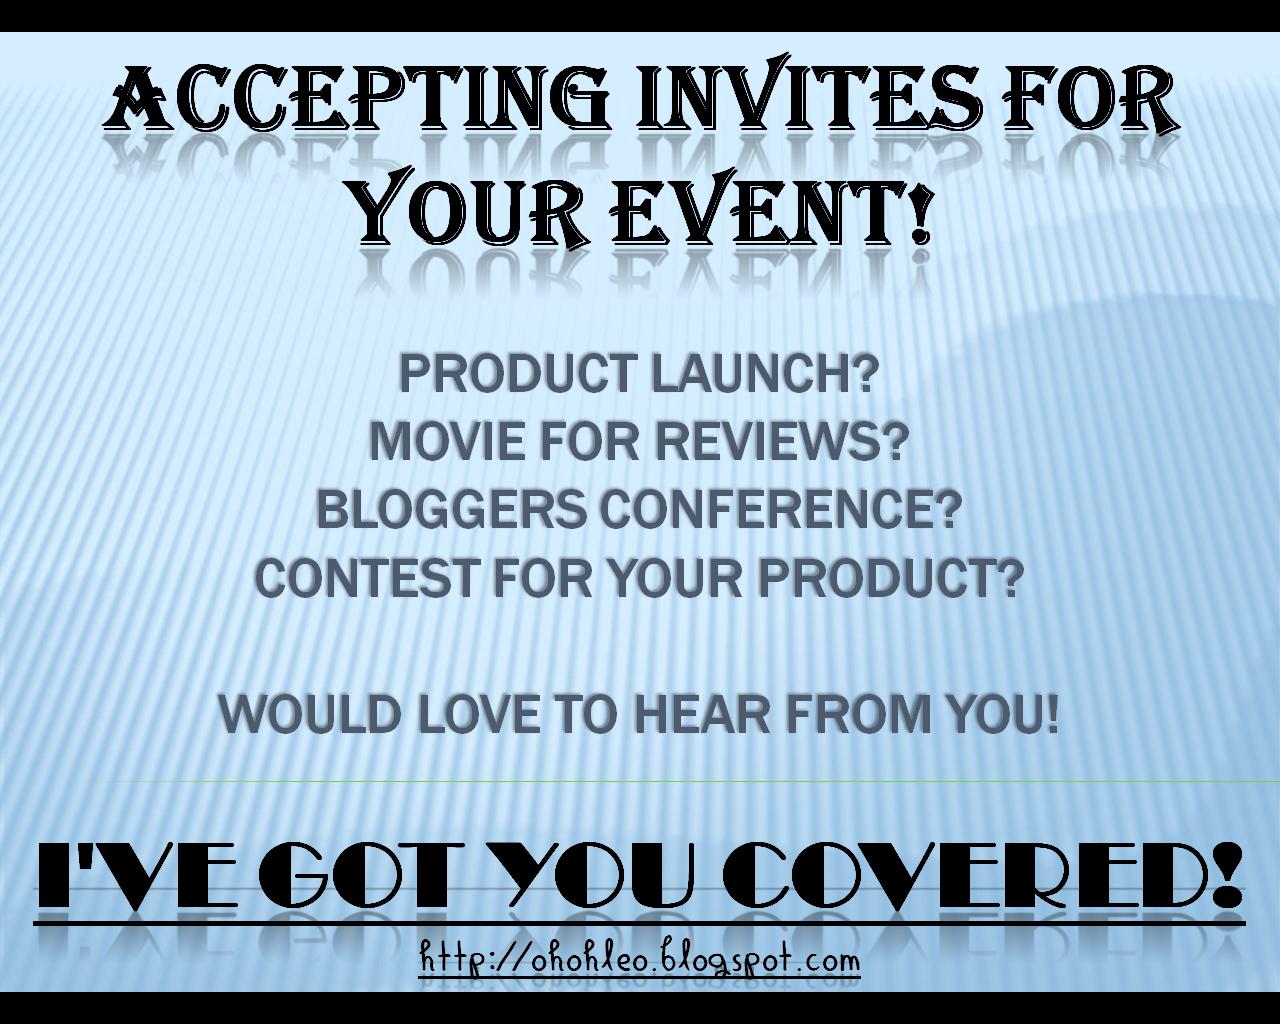 Accepting INVITES!